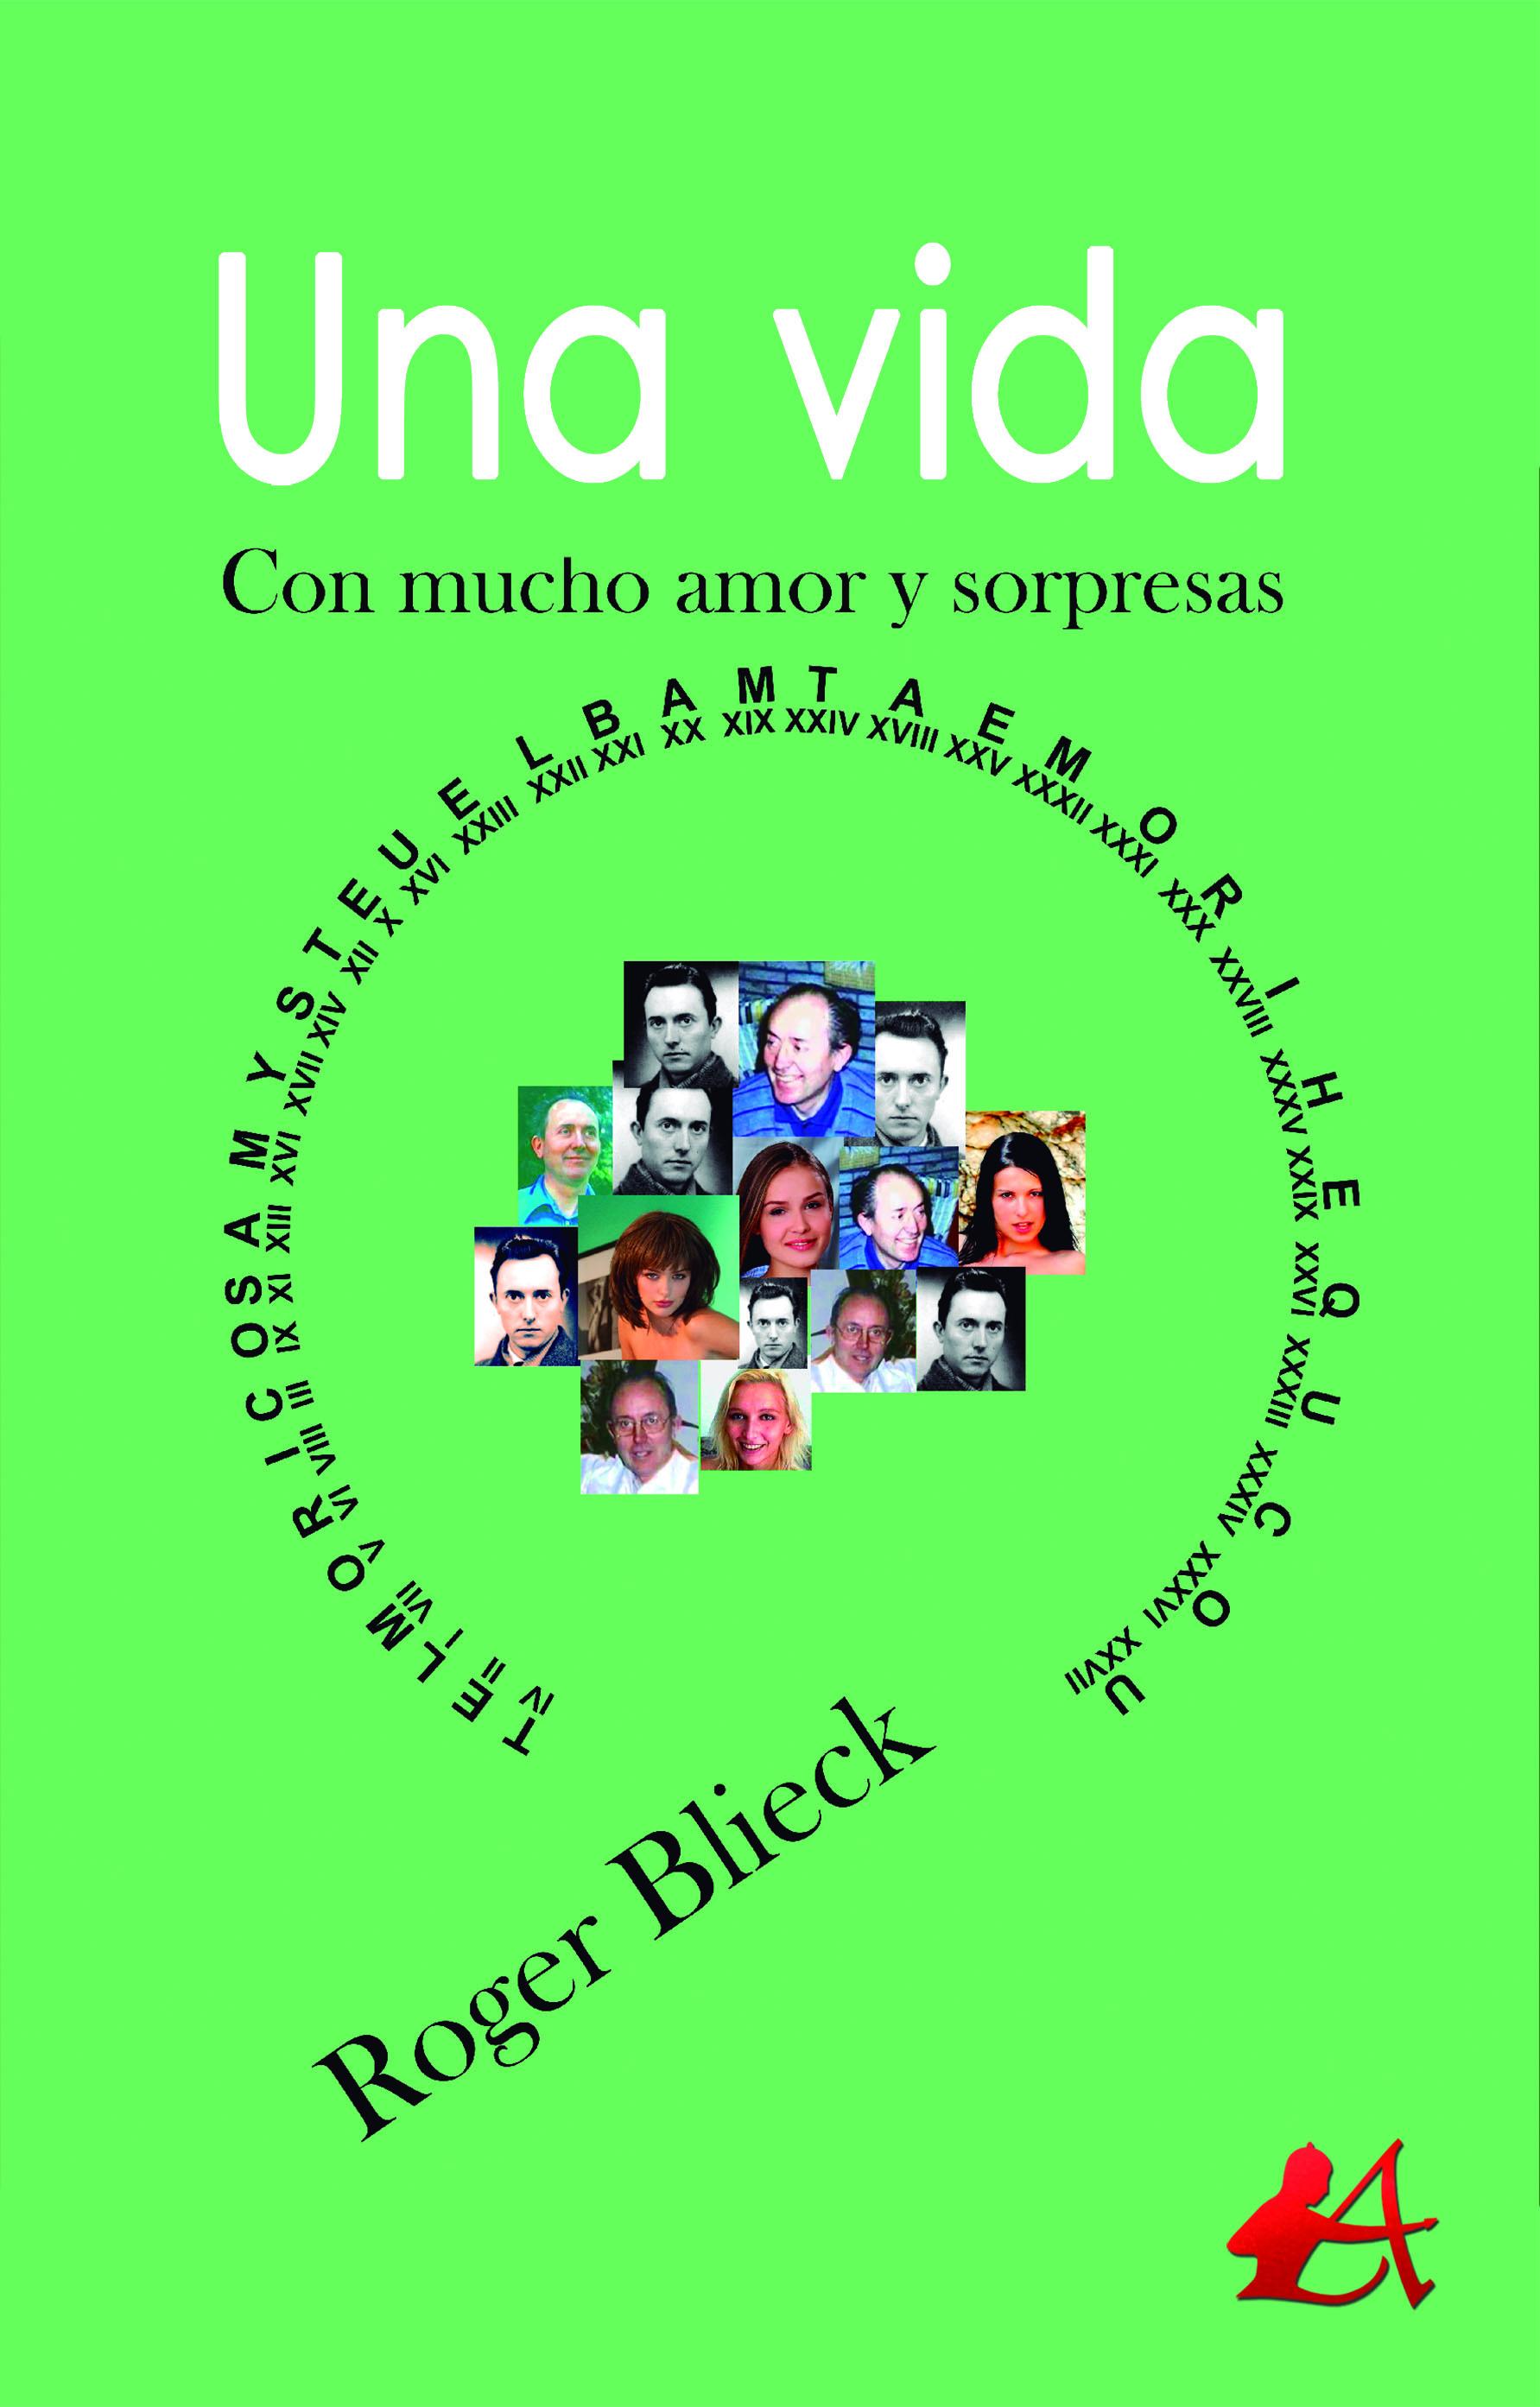 Portda del libro Una vida de Roger Blieck. Editorial Adarve, Escritores de hoy